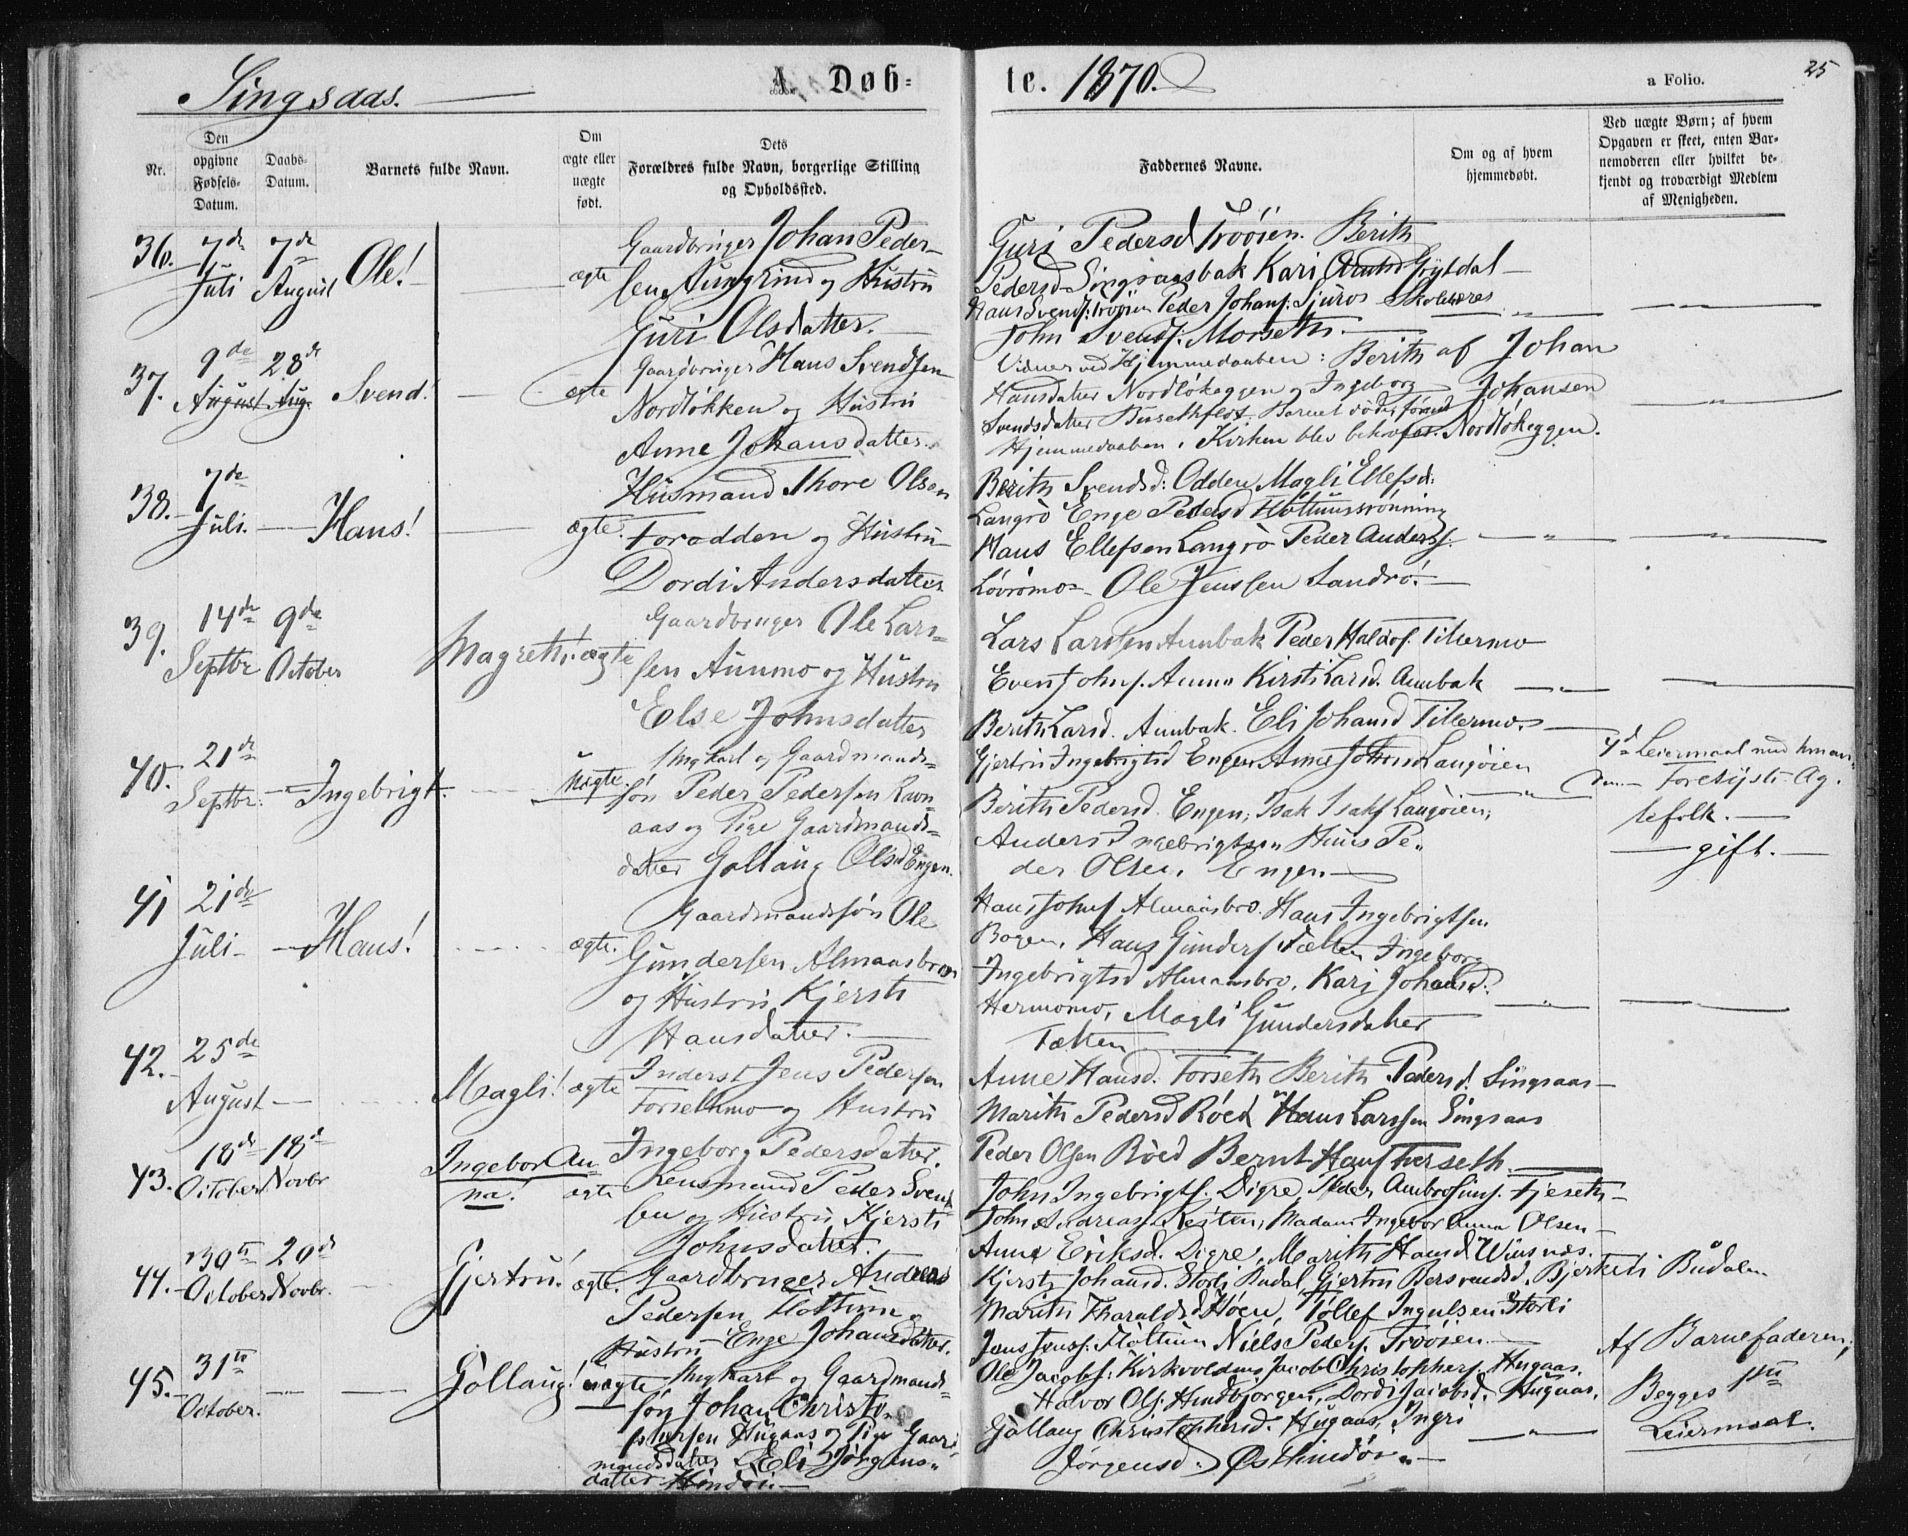 SAT, Ministerialprotokoller, klokkerbøker og fødselsregistre - Sør-Trøndelag, 685/L0970: Ministerialbok nr. 685A08 /2, 1870-1878, s. 25